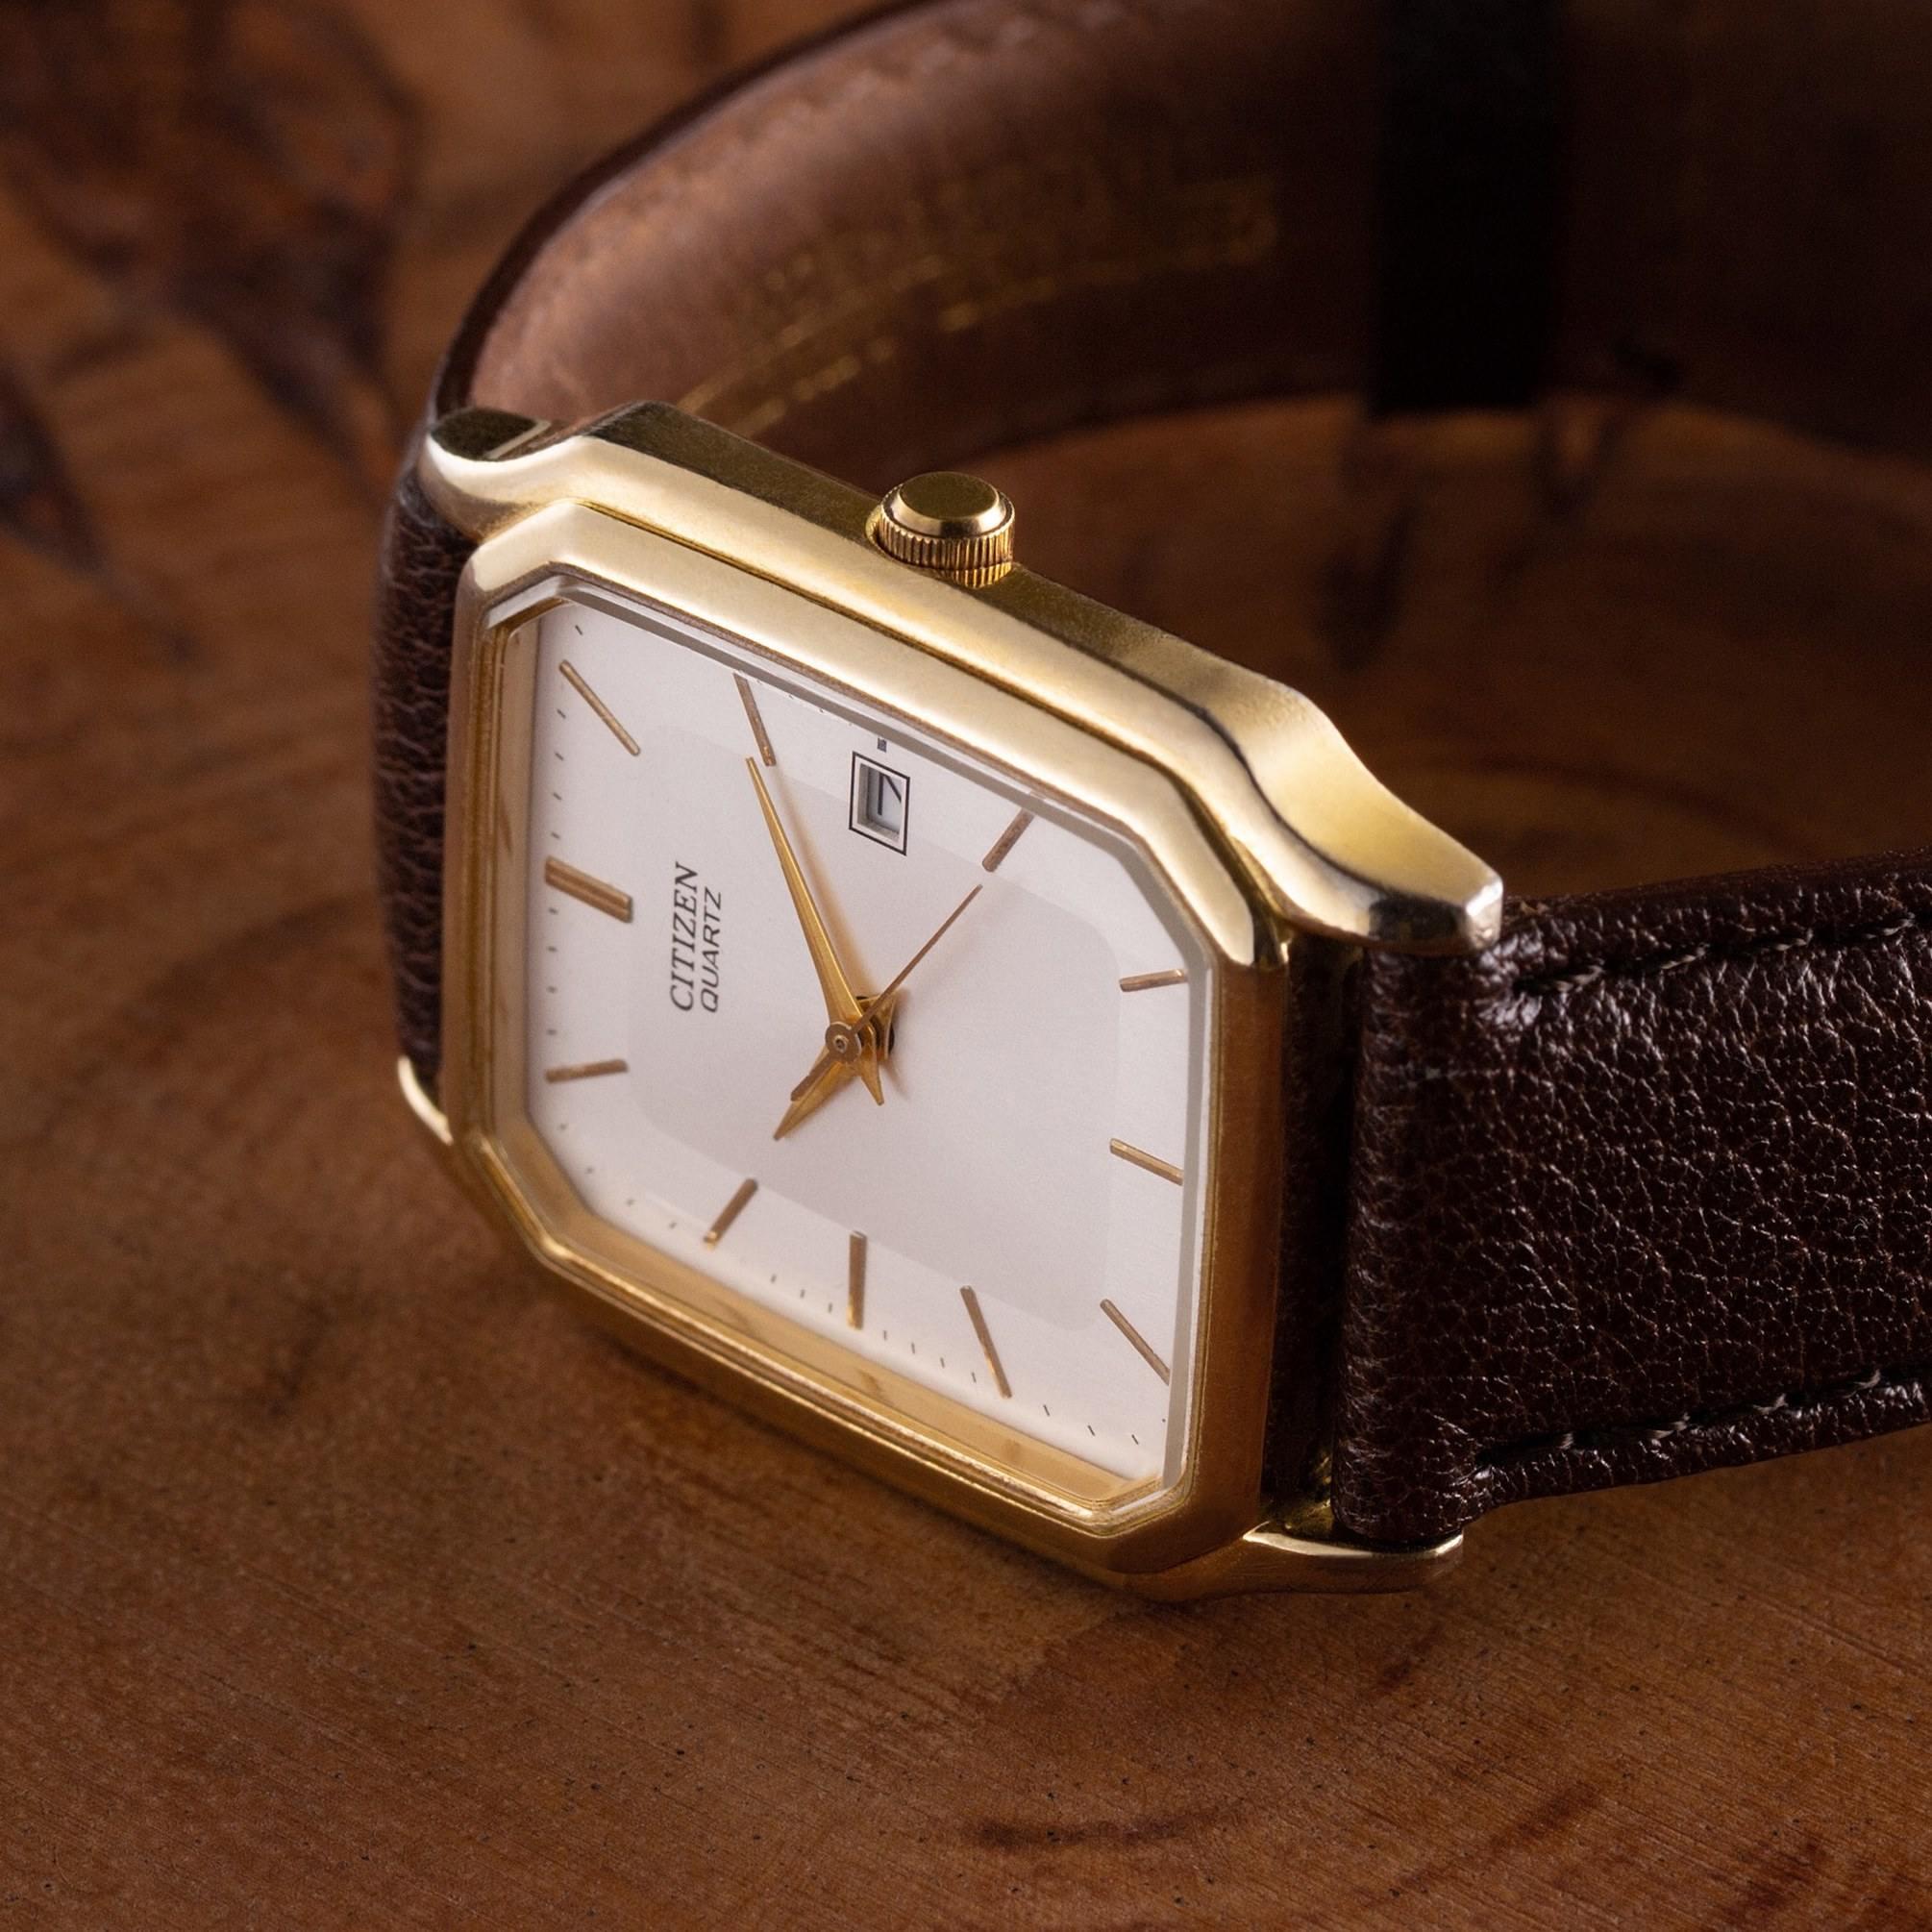 Citizen quartz dress watch - The Modest Man - crop